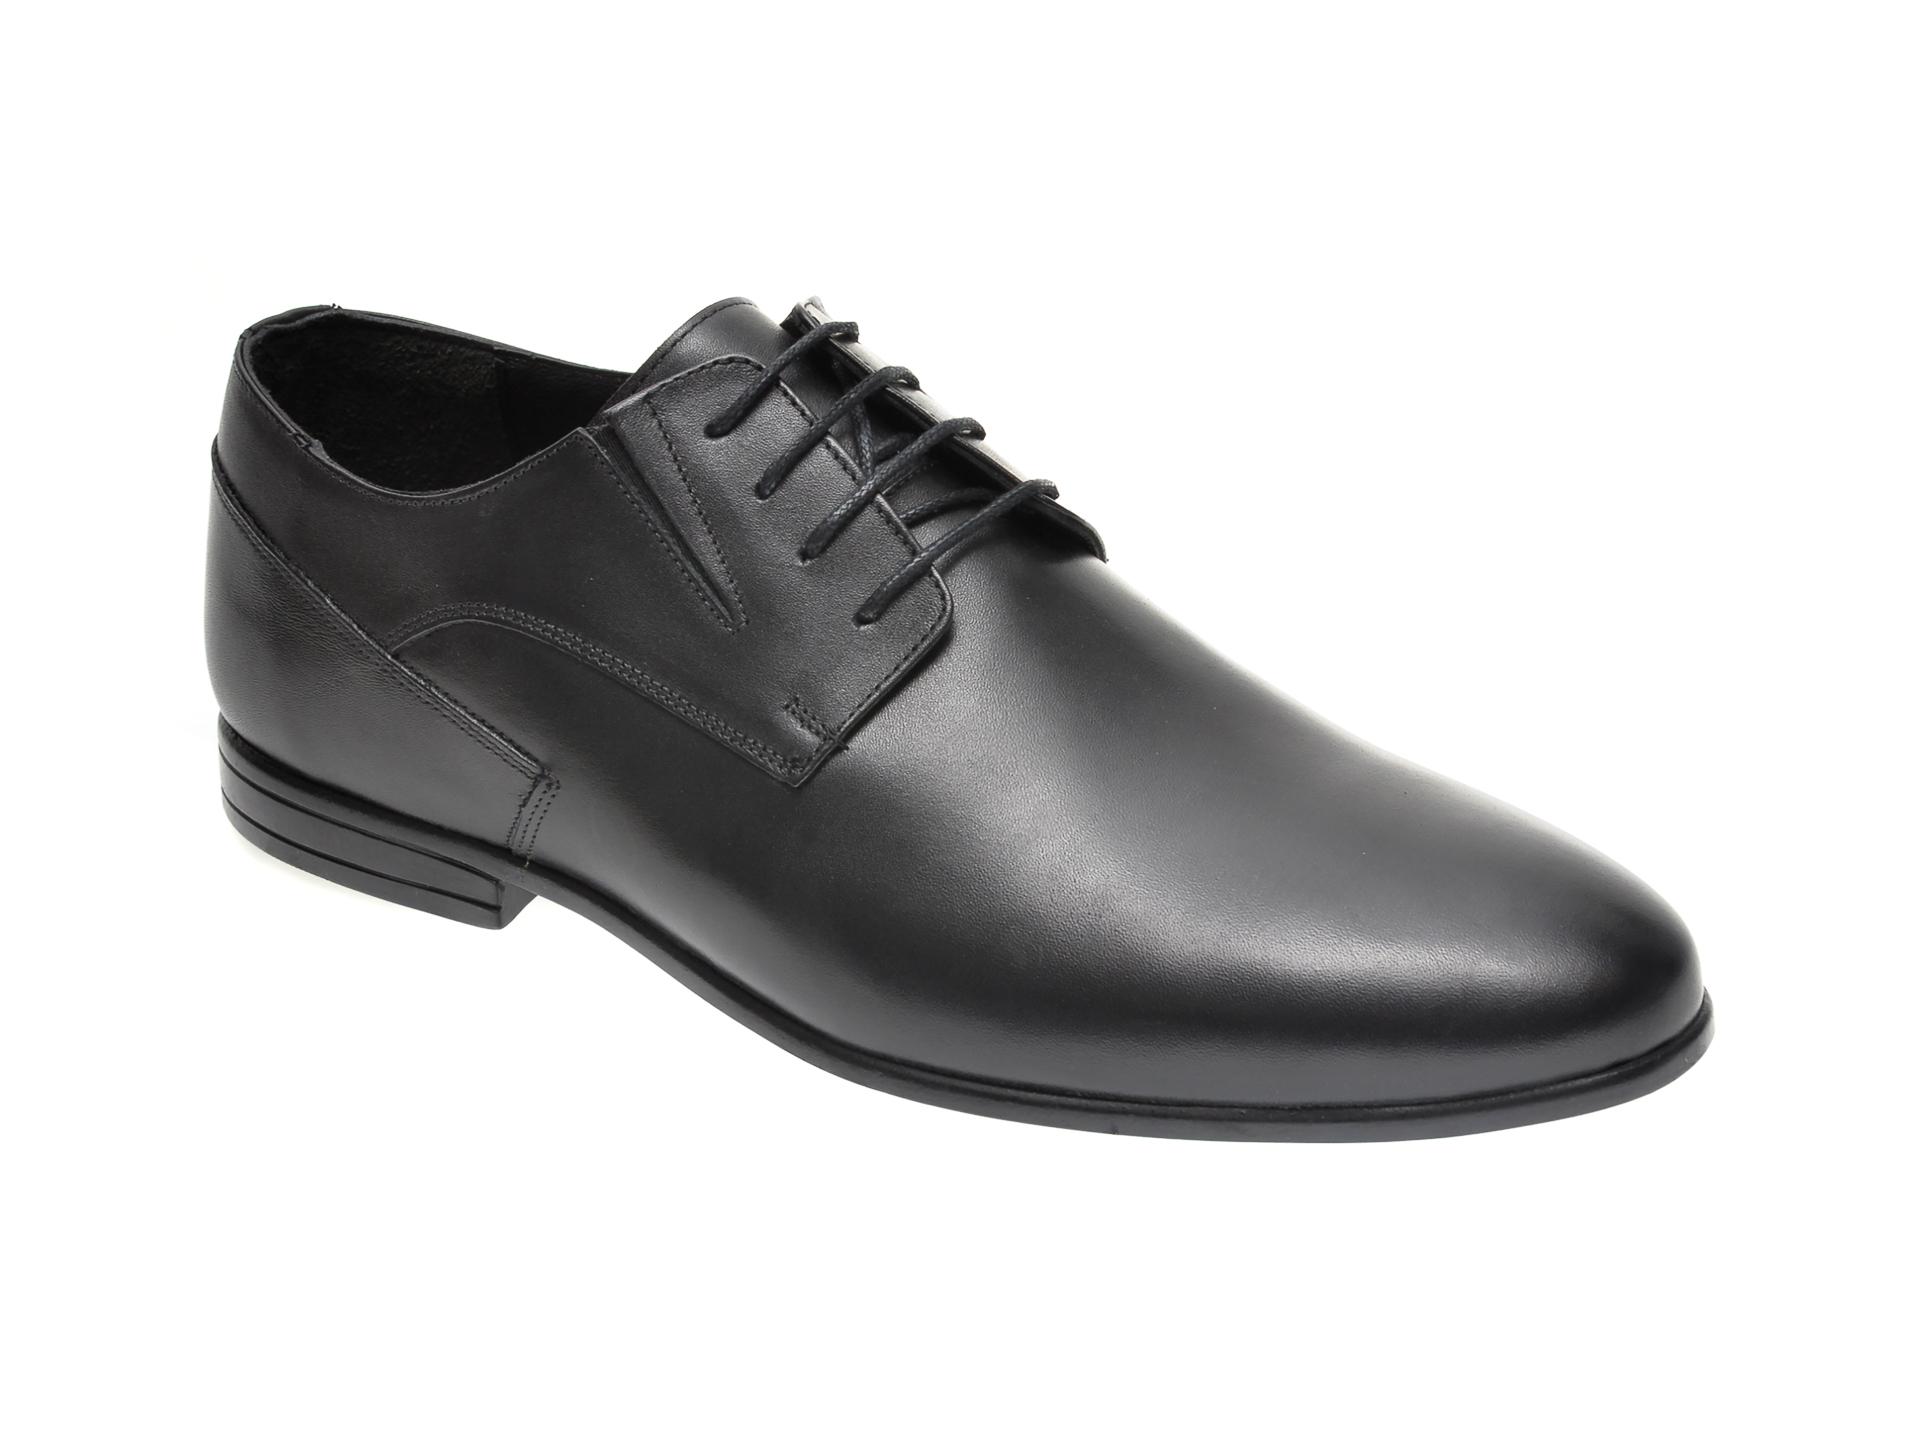 Pantofi OTTER negri, K31, din piele naturala imagine otter.ro 2021